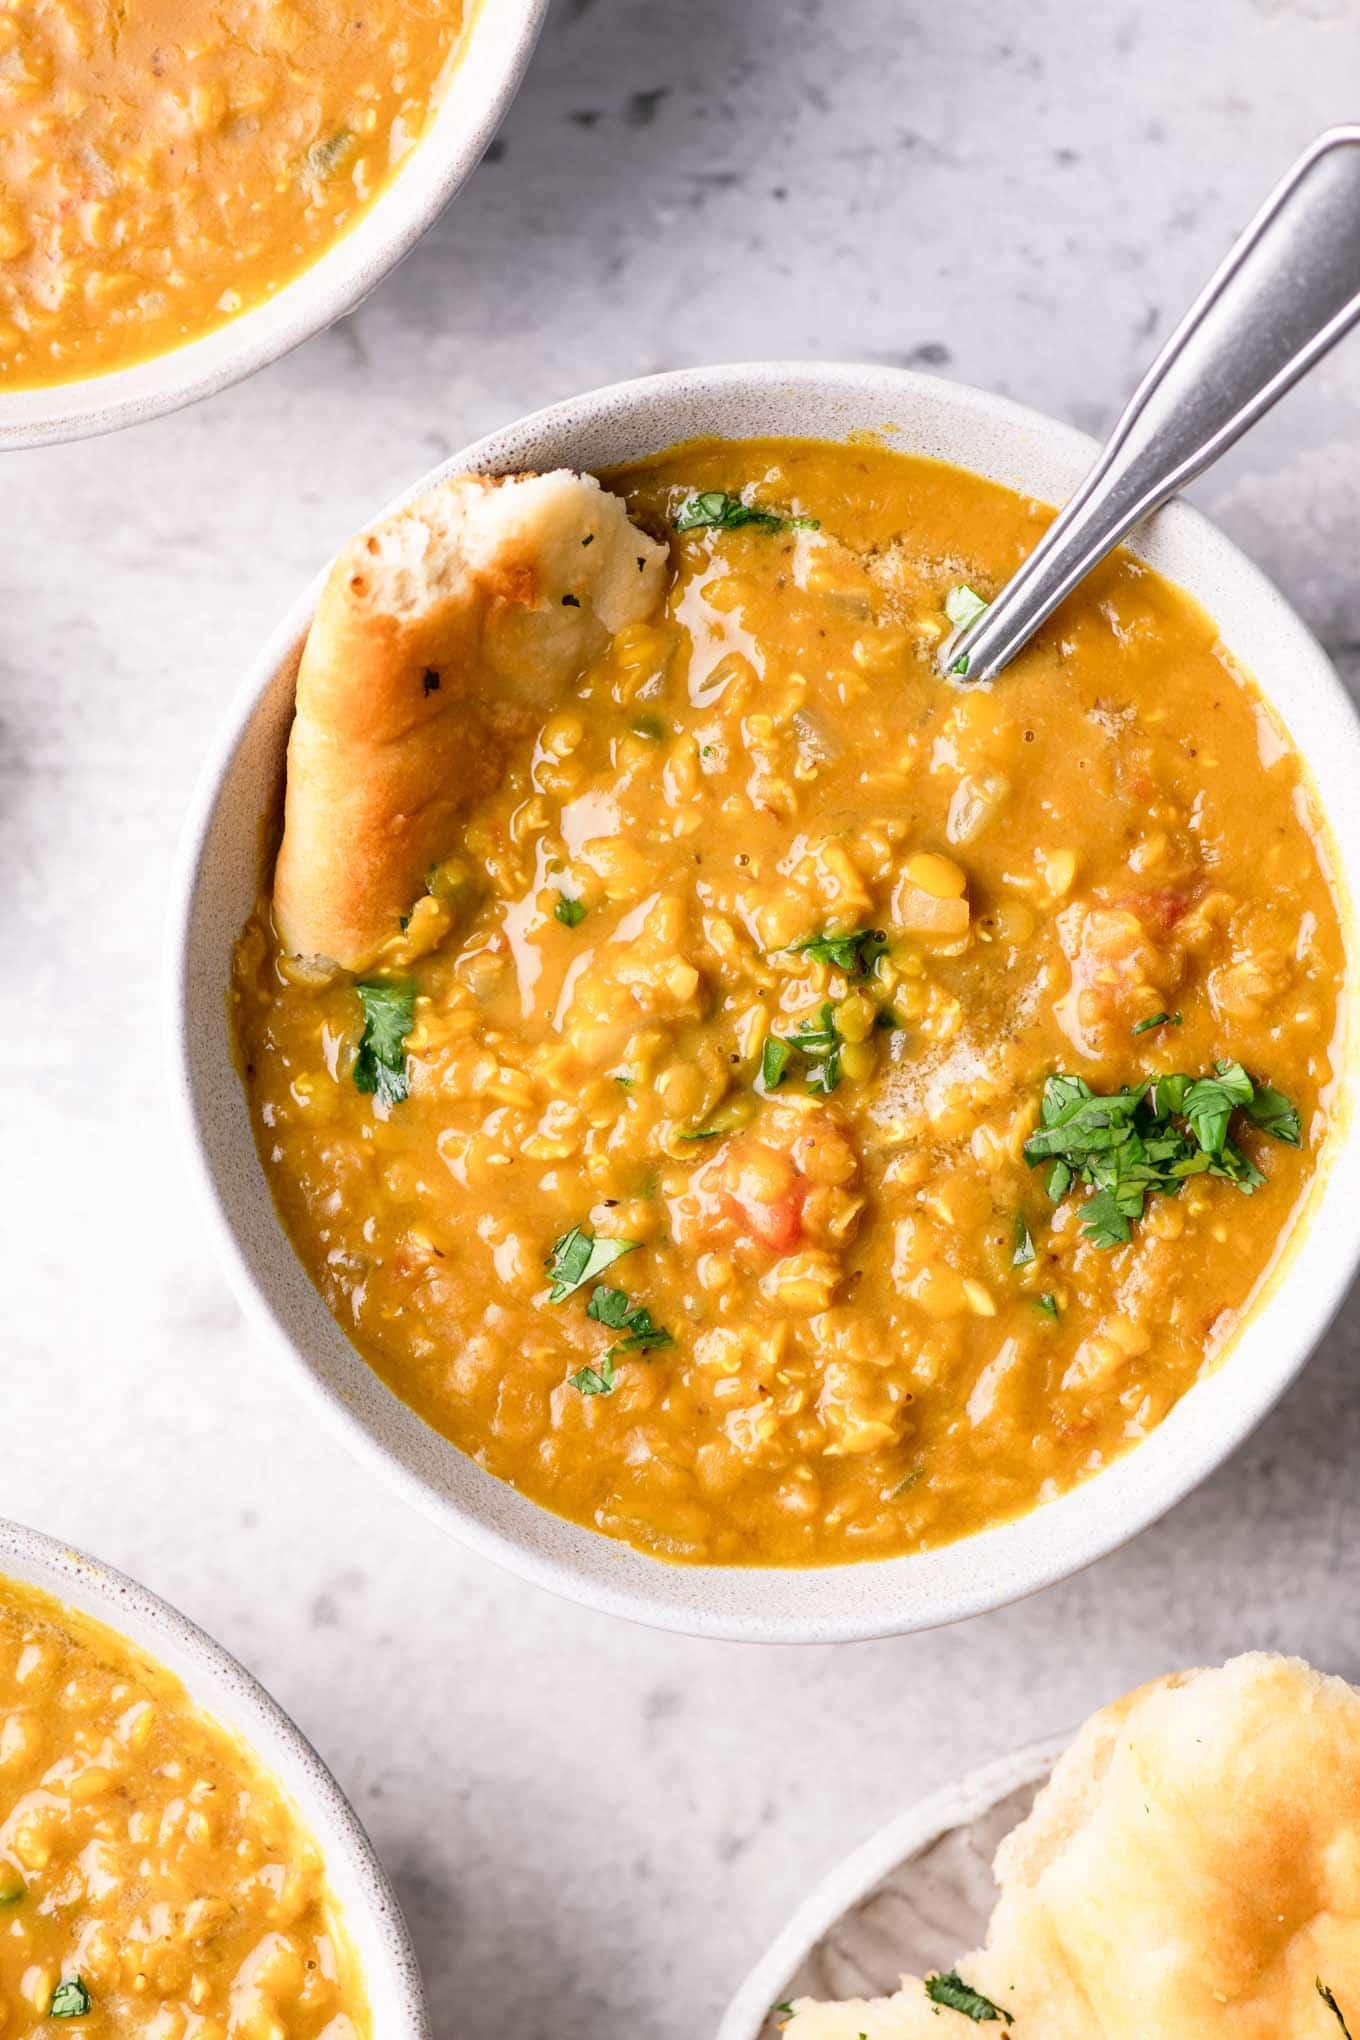 bowl of red lentil soup